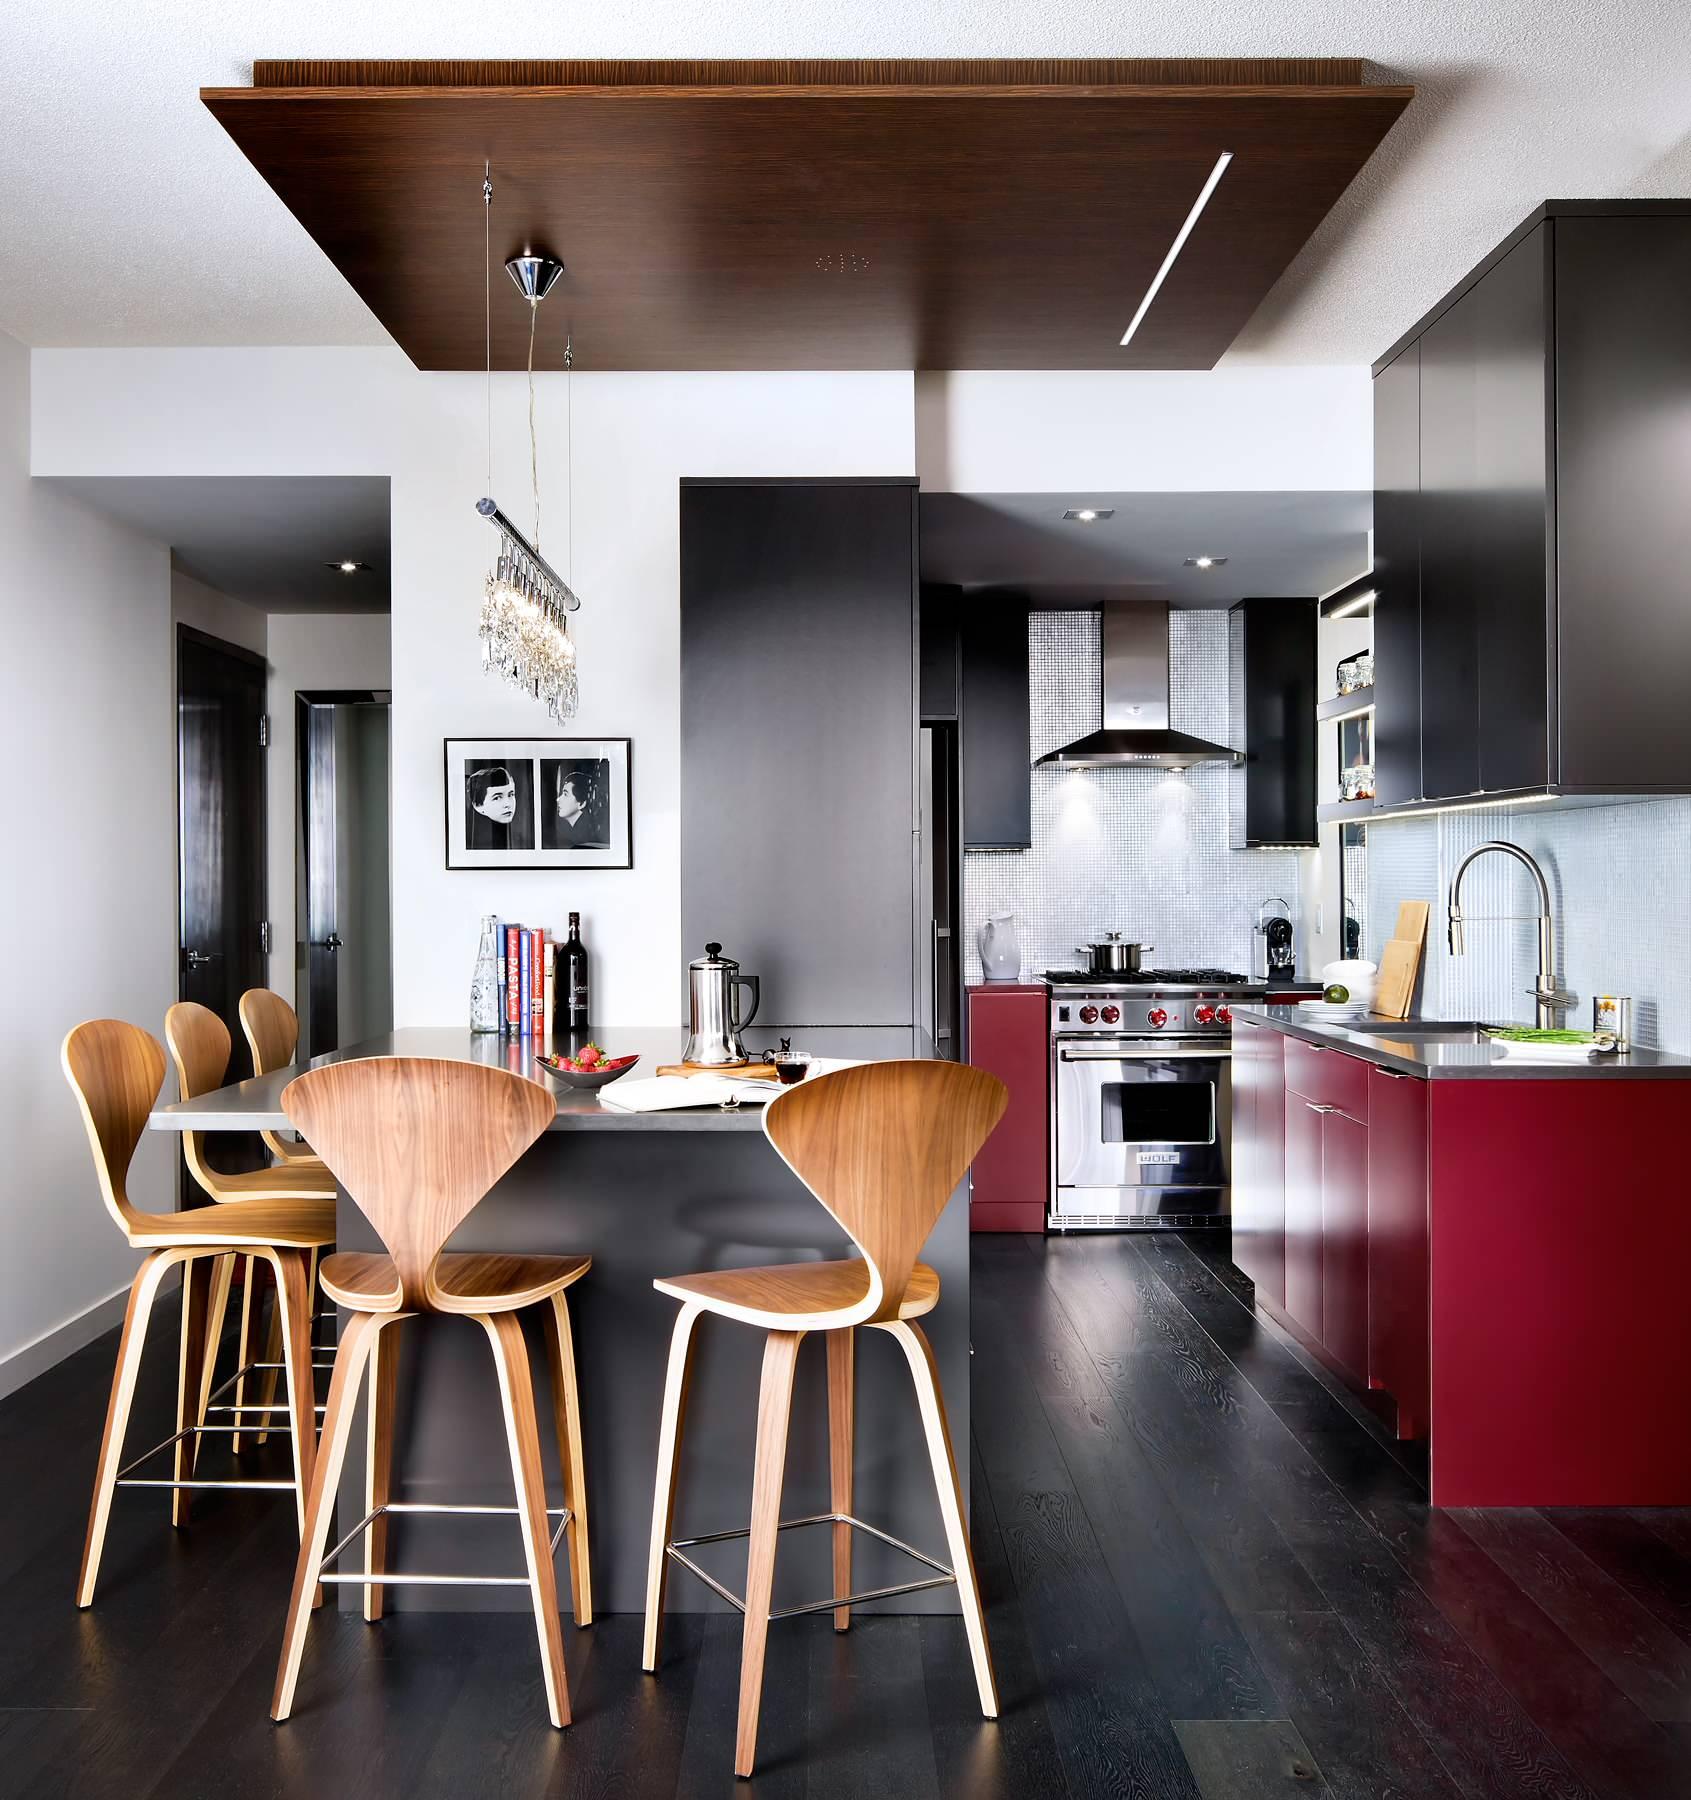 Для маленькой кухни стоит выбрать однородное и однотонное напольное покрытие, такой пол поможет зрительно увеличить небольшое пространство